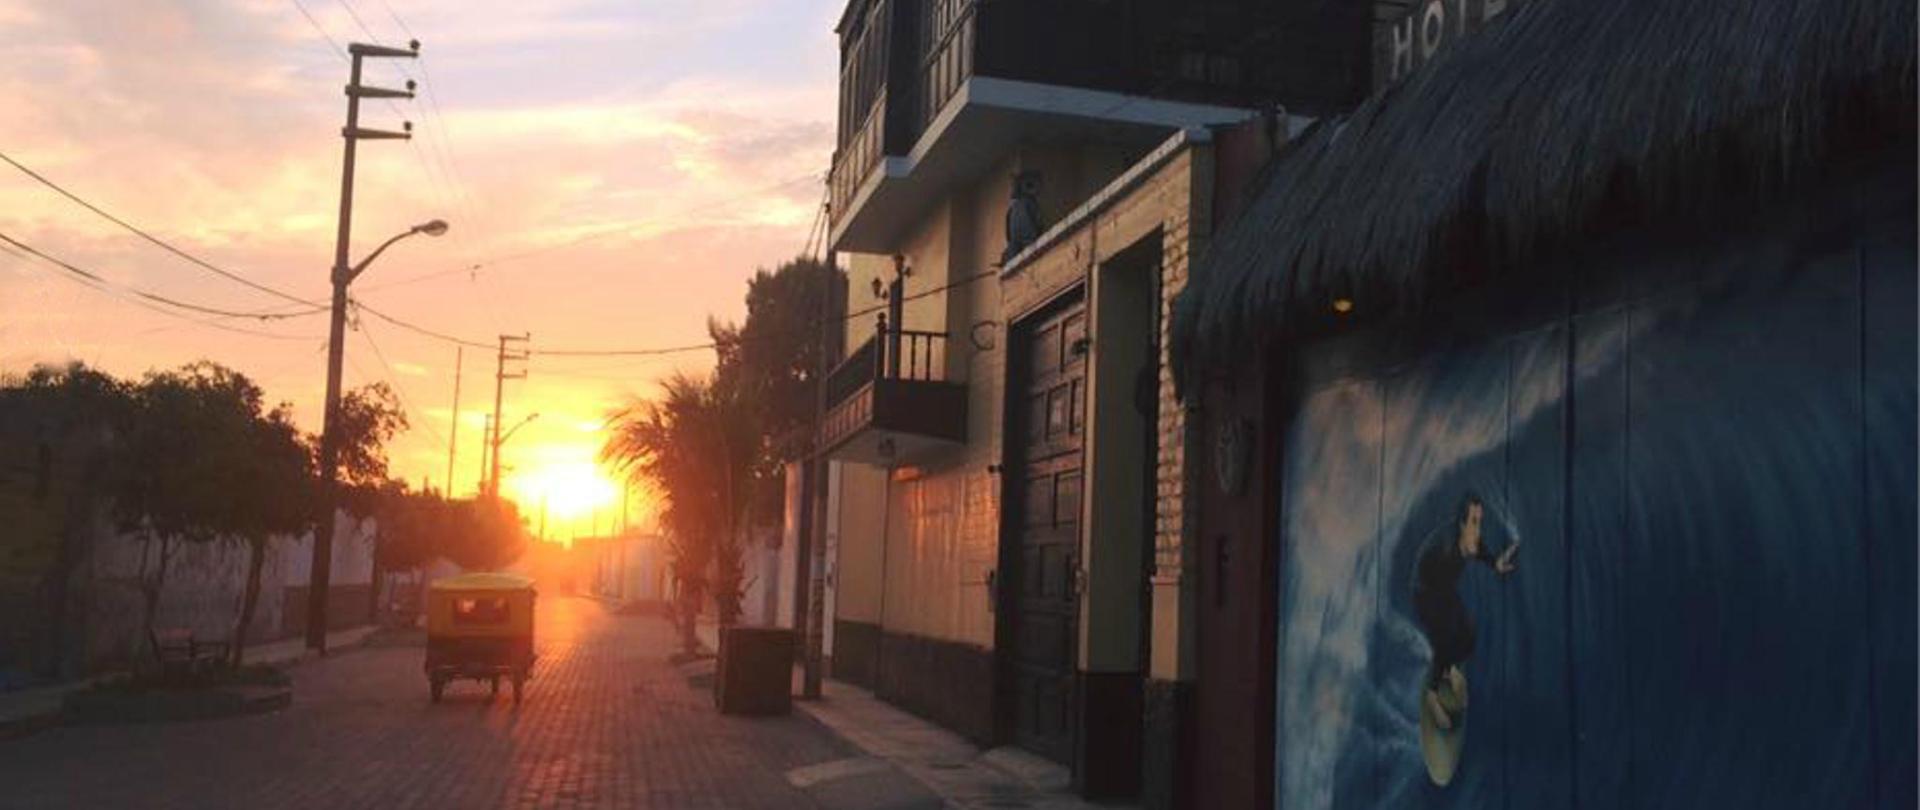 Hotel el mirador, Hotel el Mirador Pacasmayo, Hostal en pacasmayo, Posada en Pacasmayo, Hostales en Pacasmayo, Hospedaje en Pacasmayo, surf, kitesurf, windsurf, Masajes Relajantes Hotel el Mirador, Restaurant Pastimar 194.png